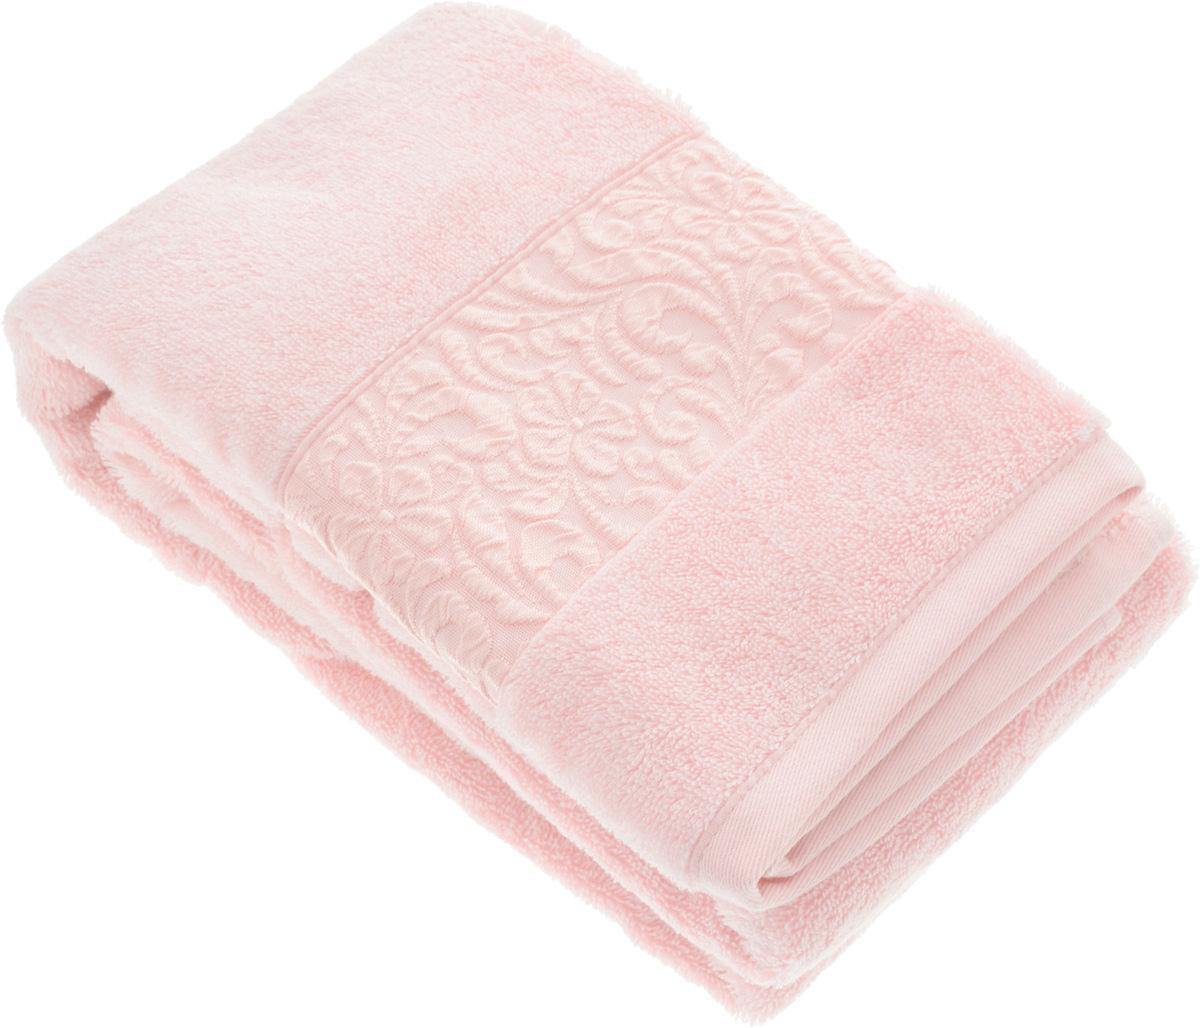 Полотенце бамбуковое Issimo Home Valencia, цвет: светло-розовый, 70 x 140 см4781Полотенце Issimo Home Valencia выполнено из 60% бамбукового волокна и 40% хлопка. Таким полотенцем не нужно вытираться - только коснитесь кожи - и ткань сама все впитает. Такая ткань впитывает в 3 раза лучше, чем хлопок. Несмотря на высокую плотность, полотенце быстро сохнет, остается легкими даже при намокании. Изделие имеет красивый жаккардовый бордюр, оформленный цветочным орнаментом. Благородные, классические тона создадут уют и подчеркнут лучшие качества махровой ткани, а сочные, яркие, летние оттенки создадут ощущение праздника и наполнят дом энергией. Красивая, стильная упаковка этого полотенца делает его уже готовым подарком к любому случаю.